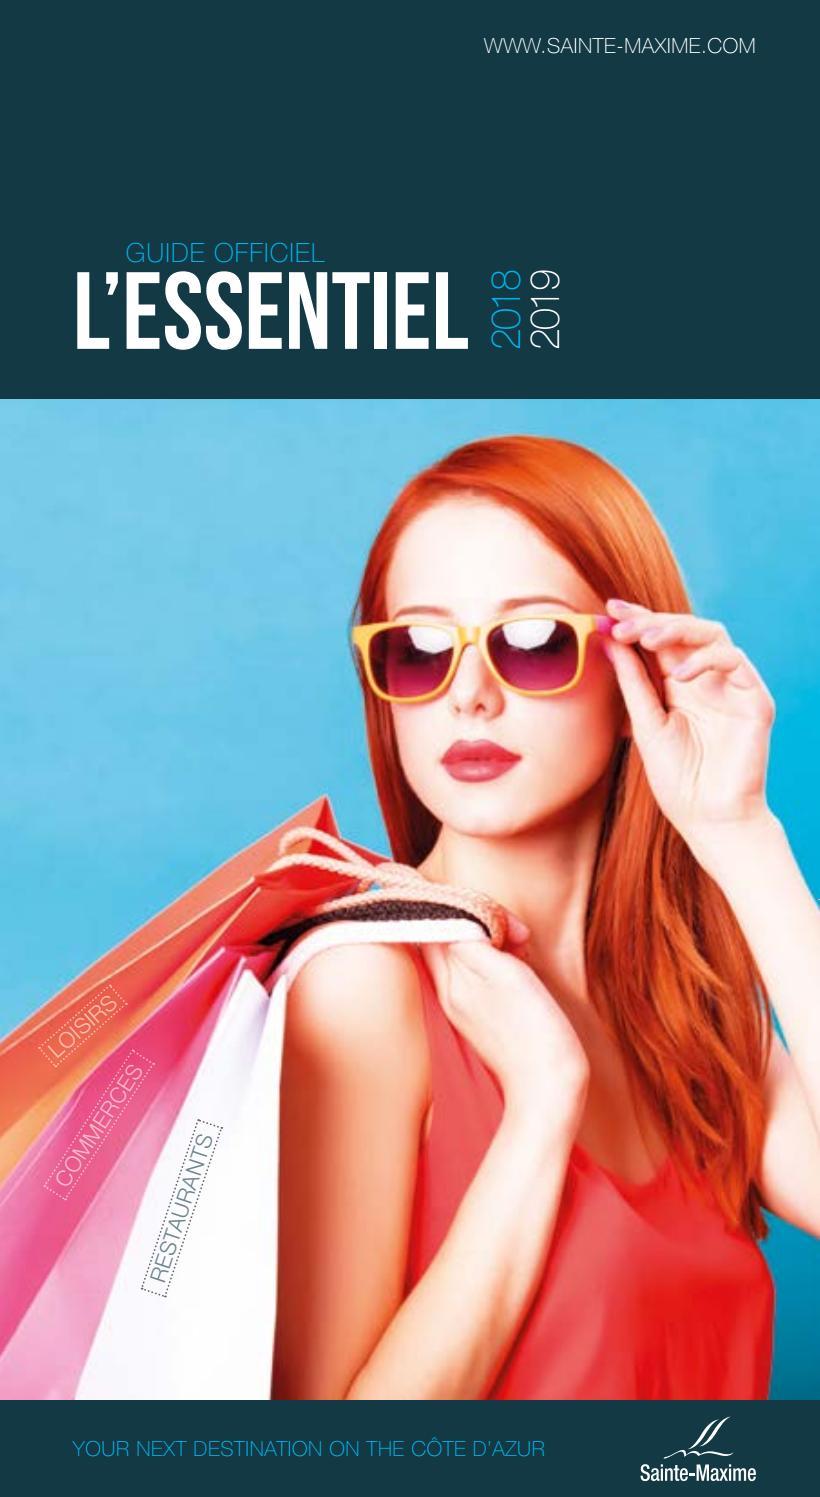 Brochure L Essentiel 2018 by Office de Tourisme de Sainte-Maxime - issuu 01c6164f41a1